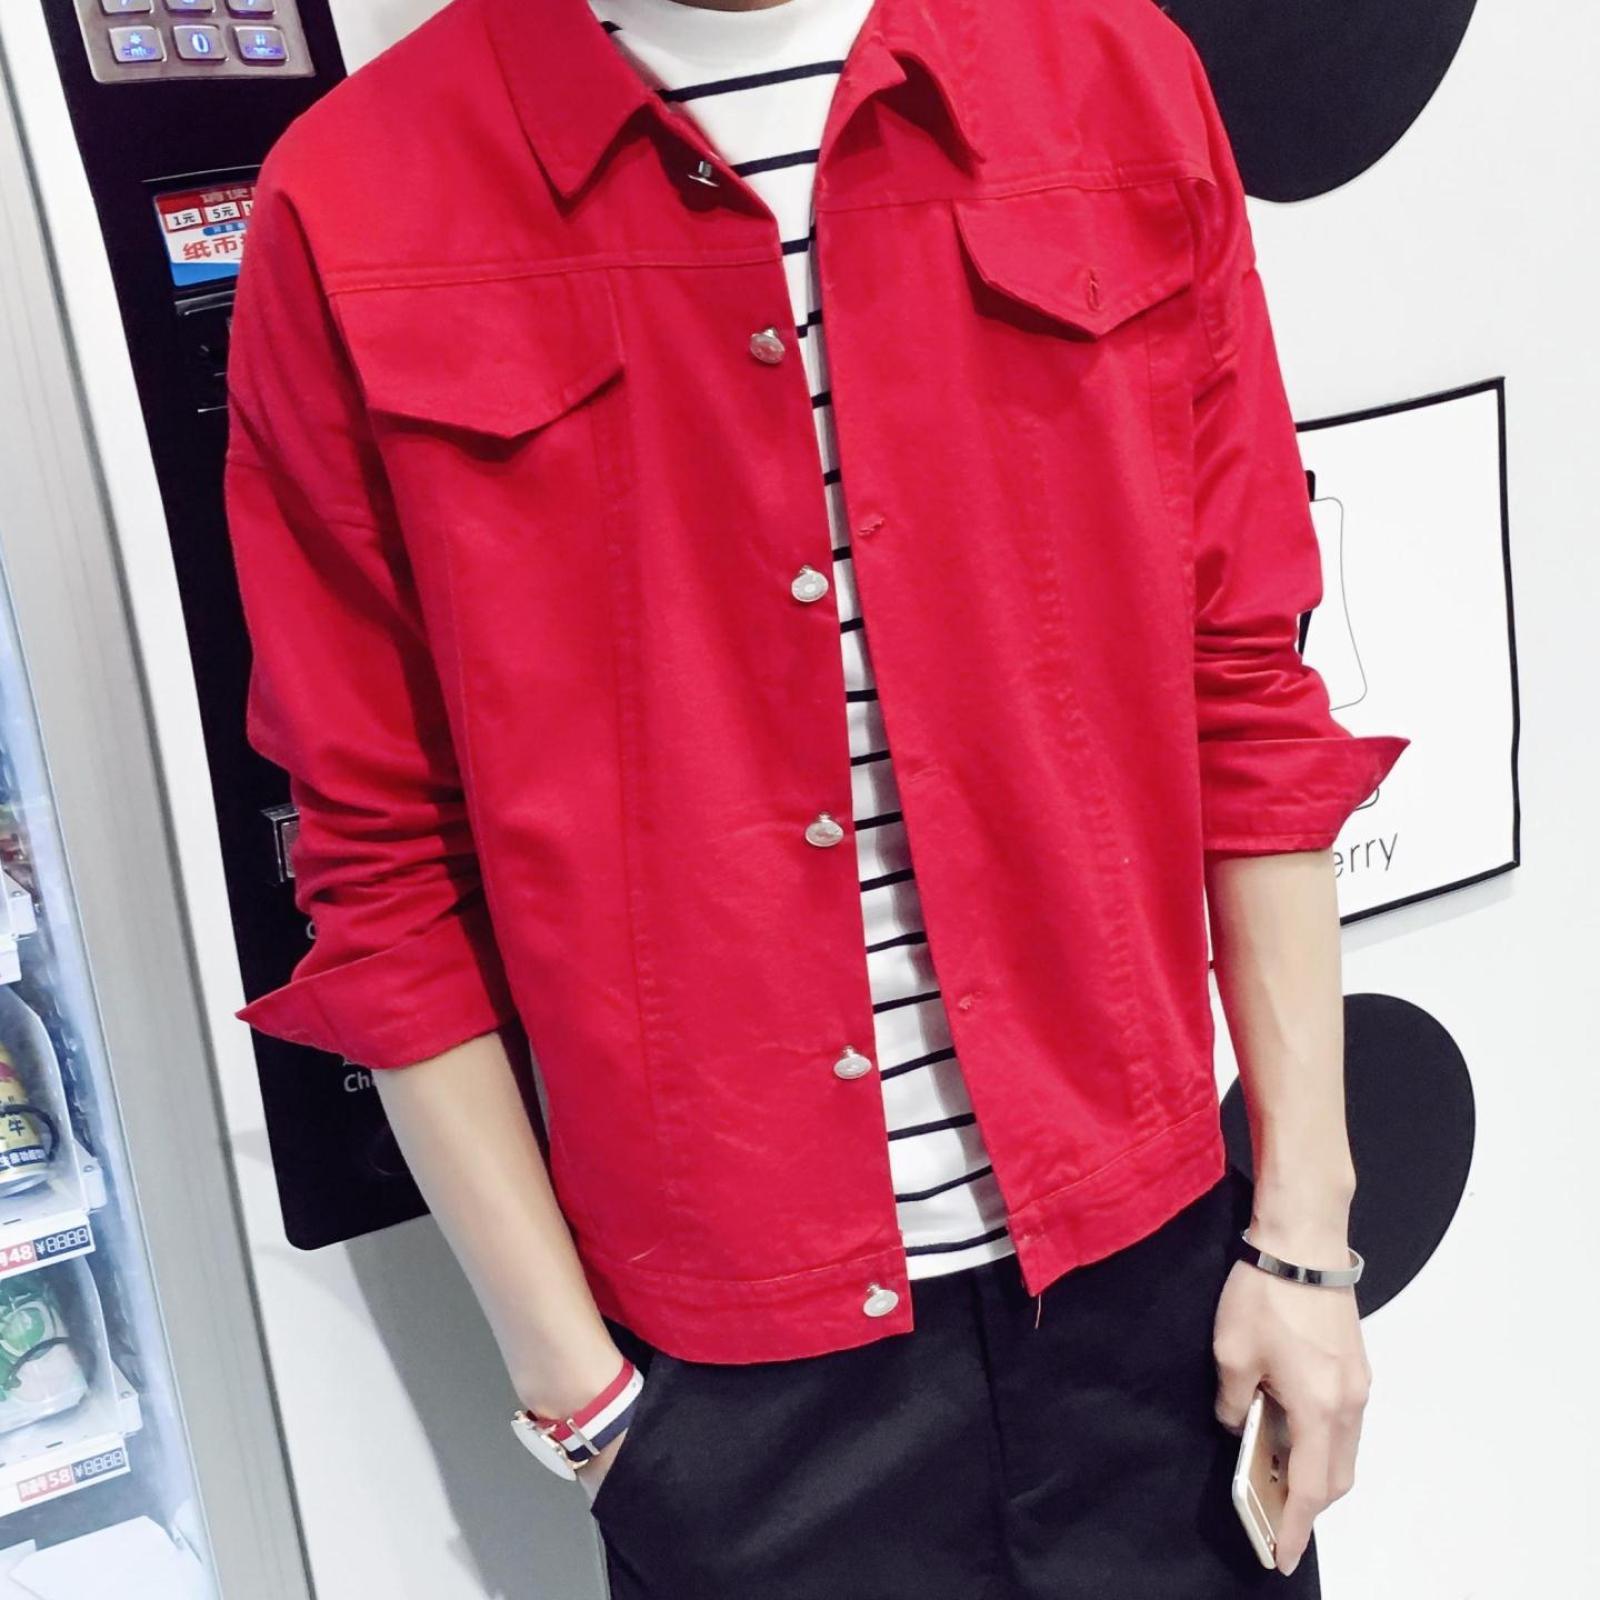 黄家驹同款牛仔夹克工装红色外套修身复古演唱会纪念品衣服休闲男